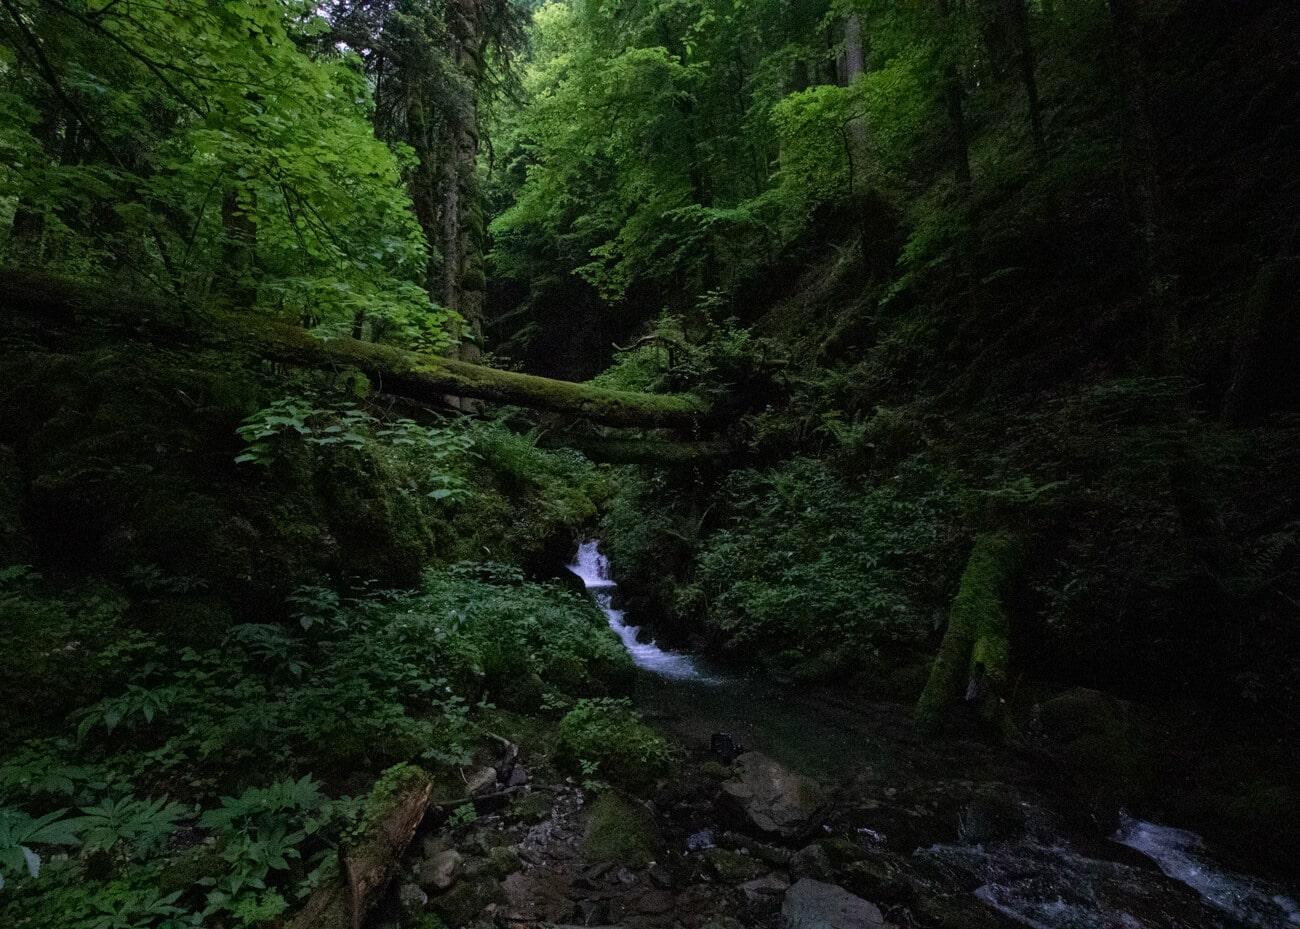 le torrent de la cascade de la belle inconnue